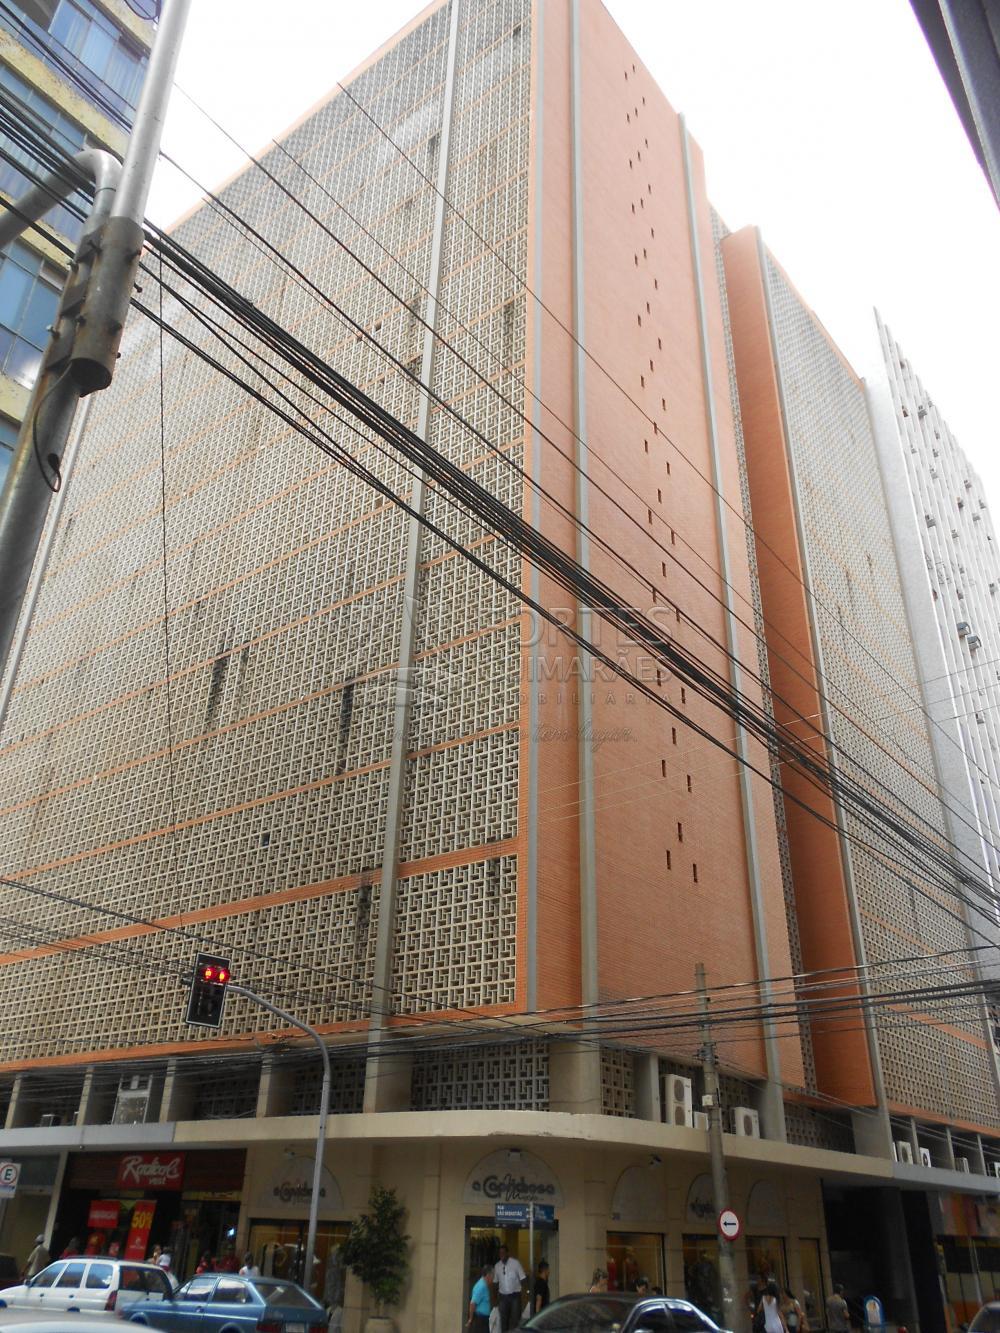 Alugar Comercial / Sala em Ribeirão Preto apenas R$ 300,00 - Foto 9